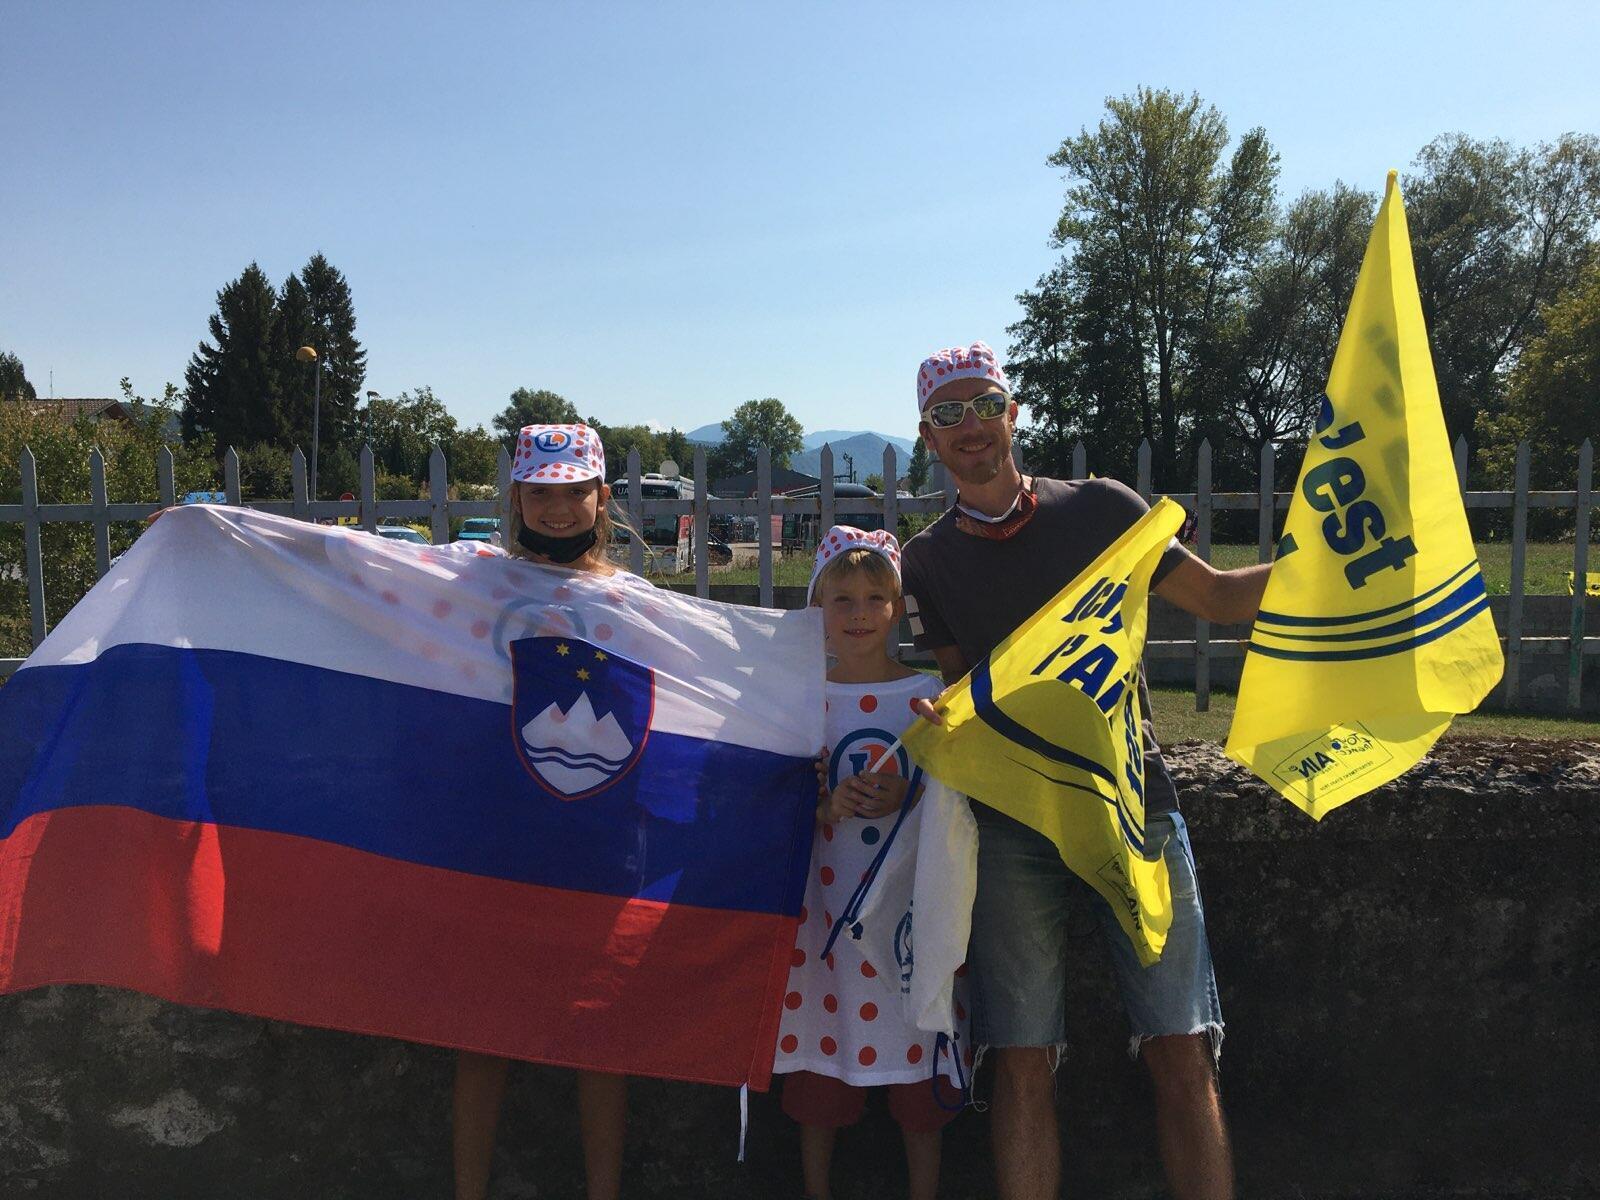 Klement et ses enfants ont changé leur plan de vacances pour supporter les coureurs slovènes sur les routes du Tour de France.